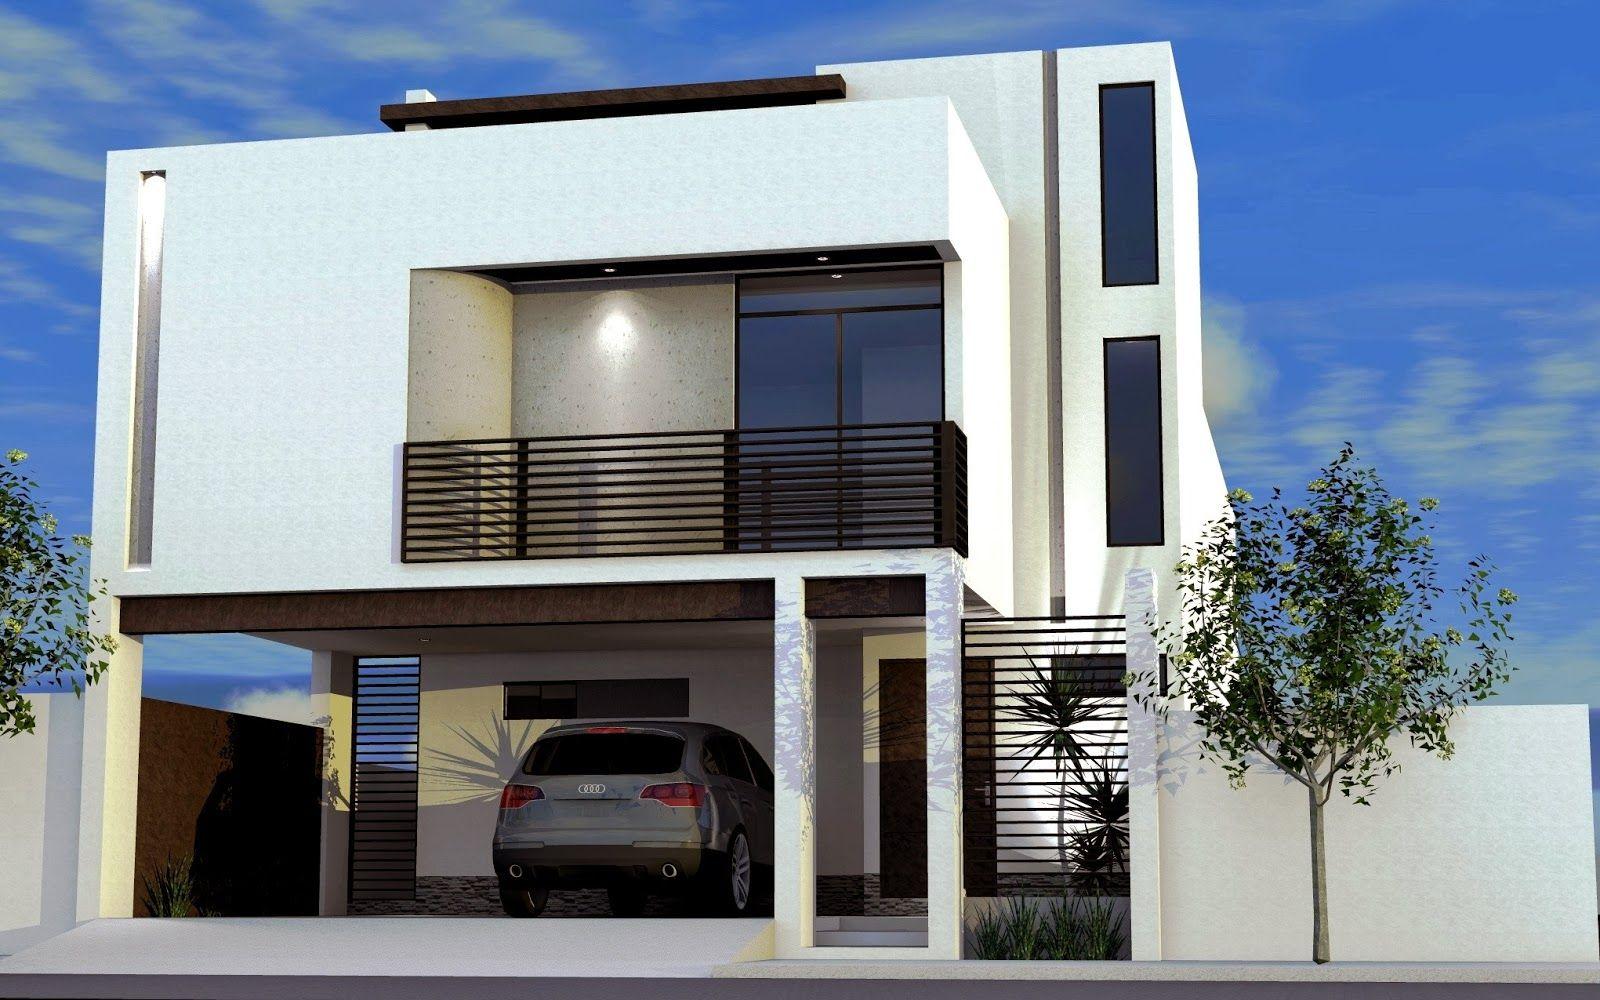 Modelos de balcones para casas modernas buscar con for Disenos de casas chicas